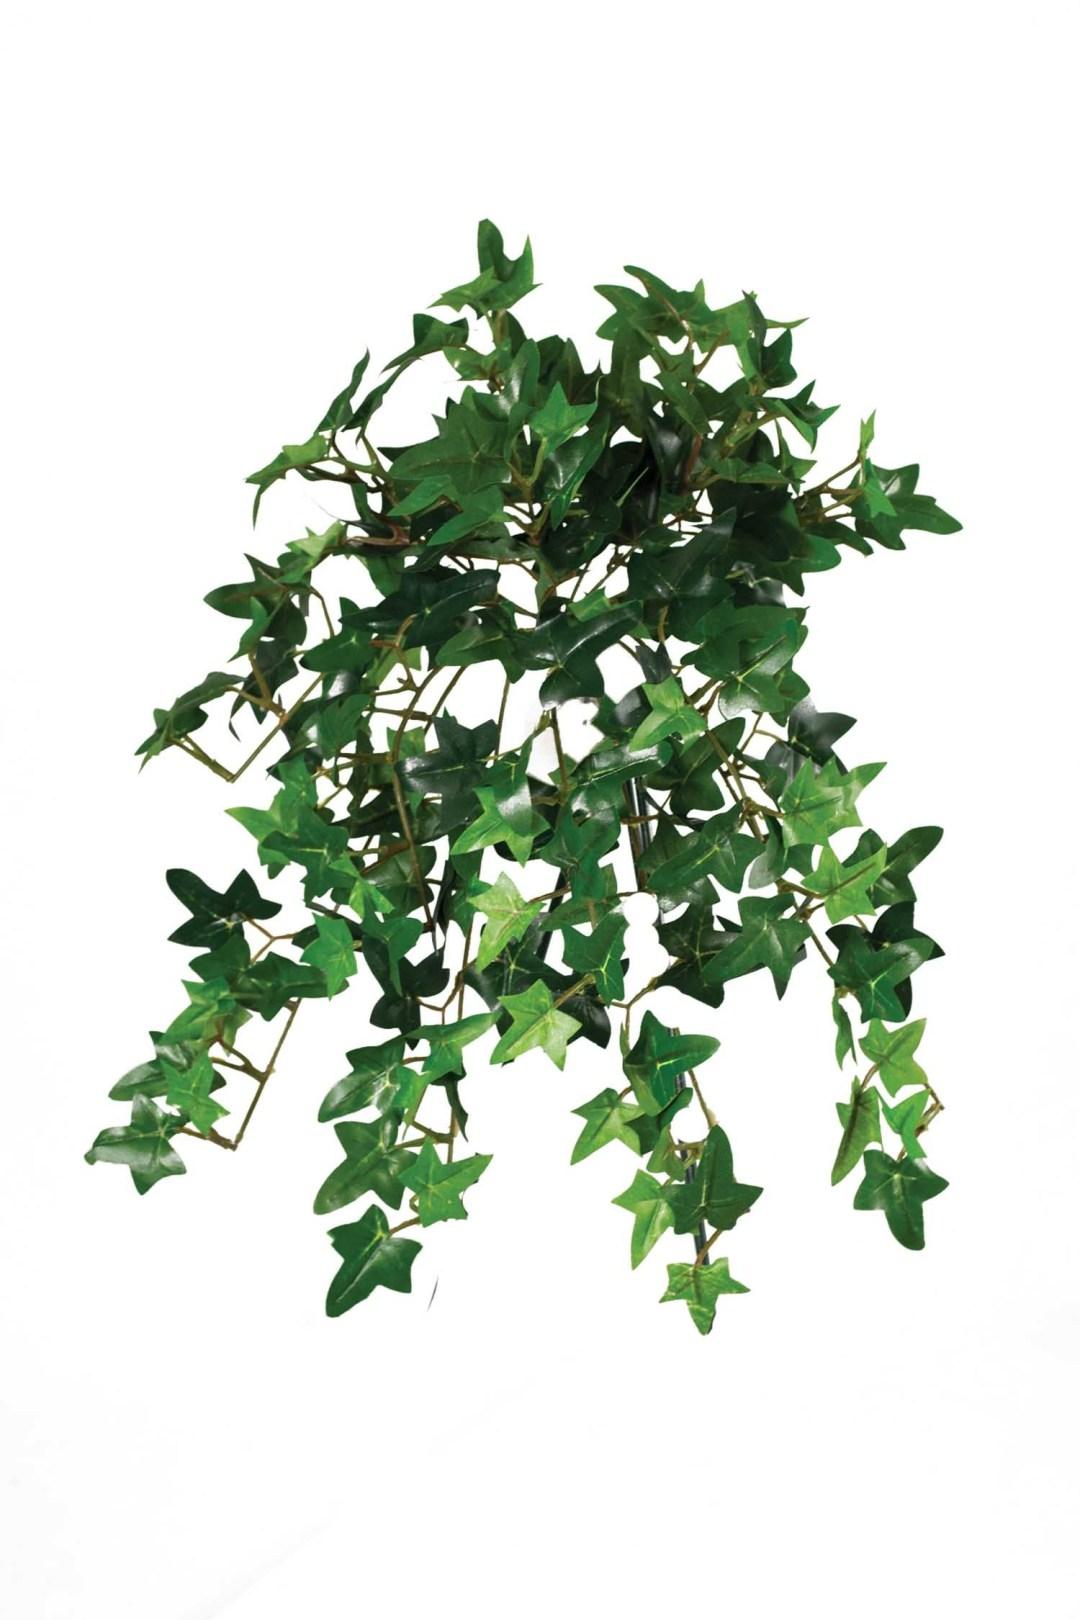 """SBG6107-GN - 13"""" Mini Green Hanging Ivy $4.75 each SBG6107-GN"""